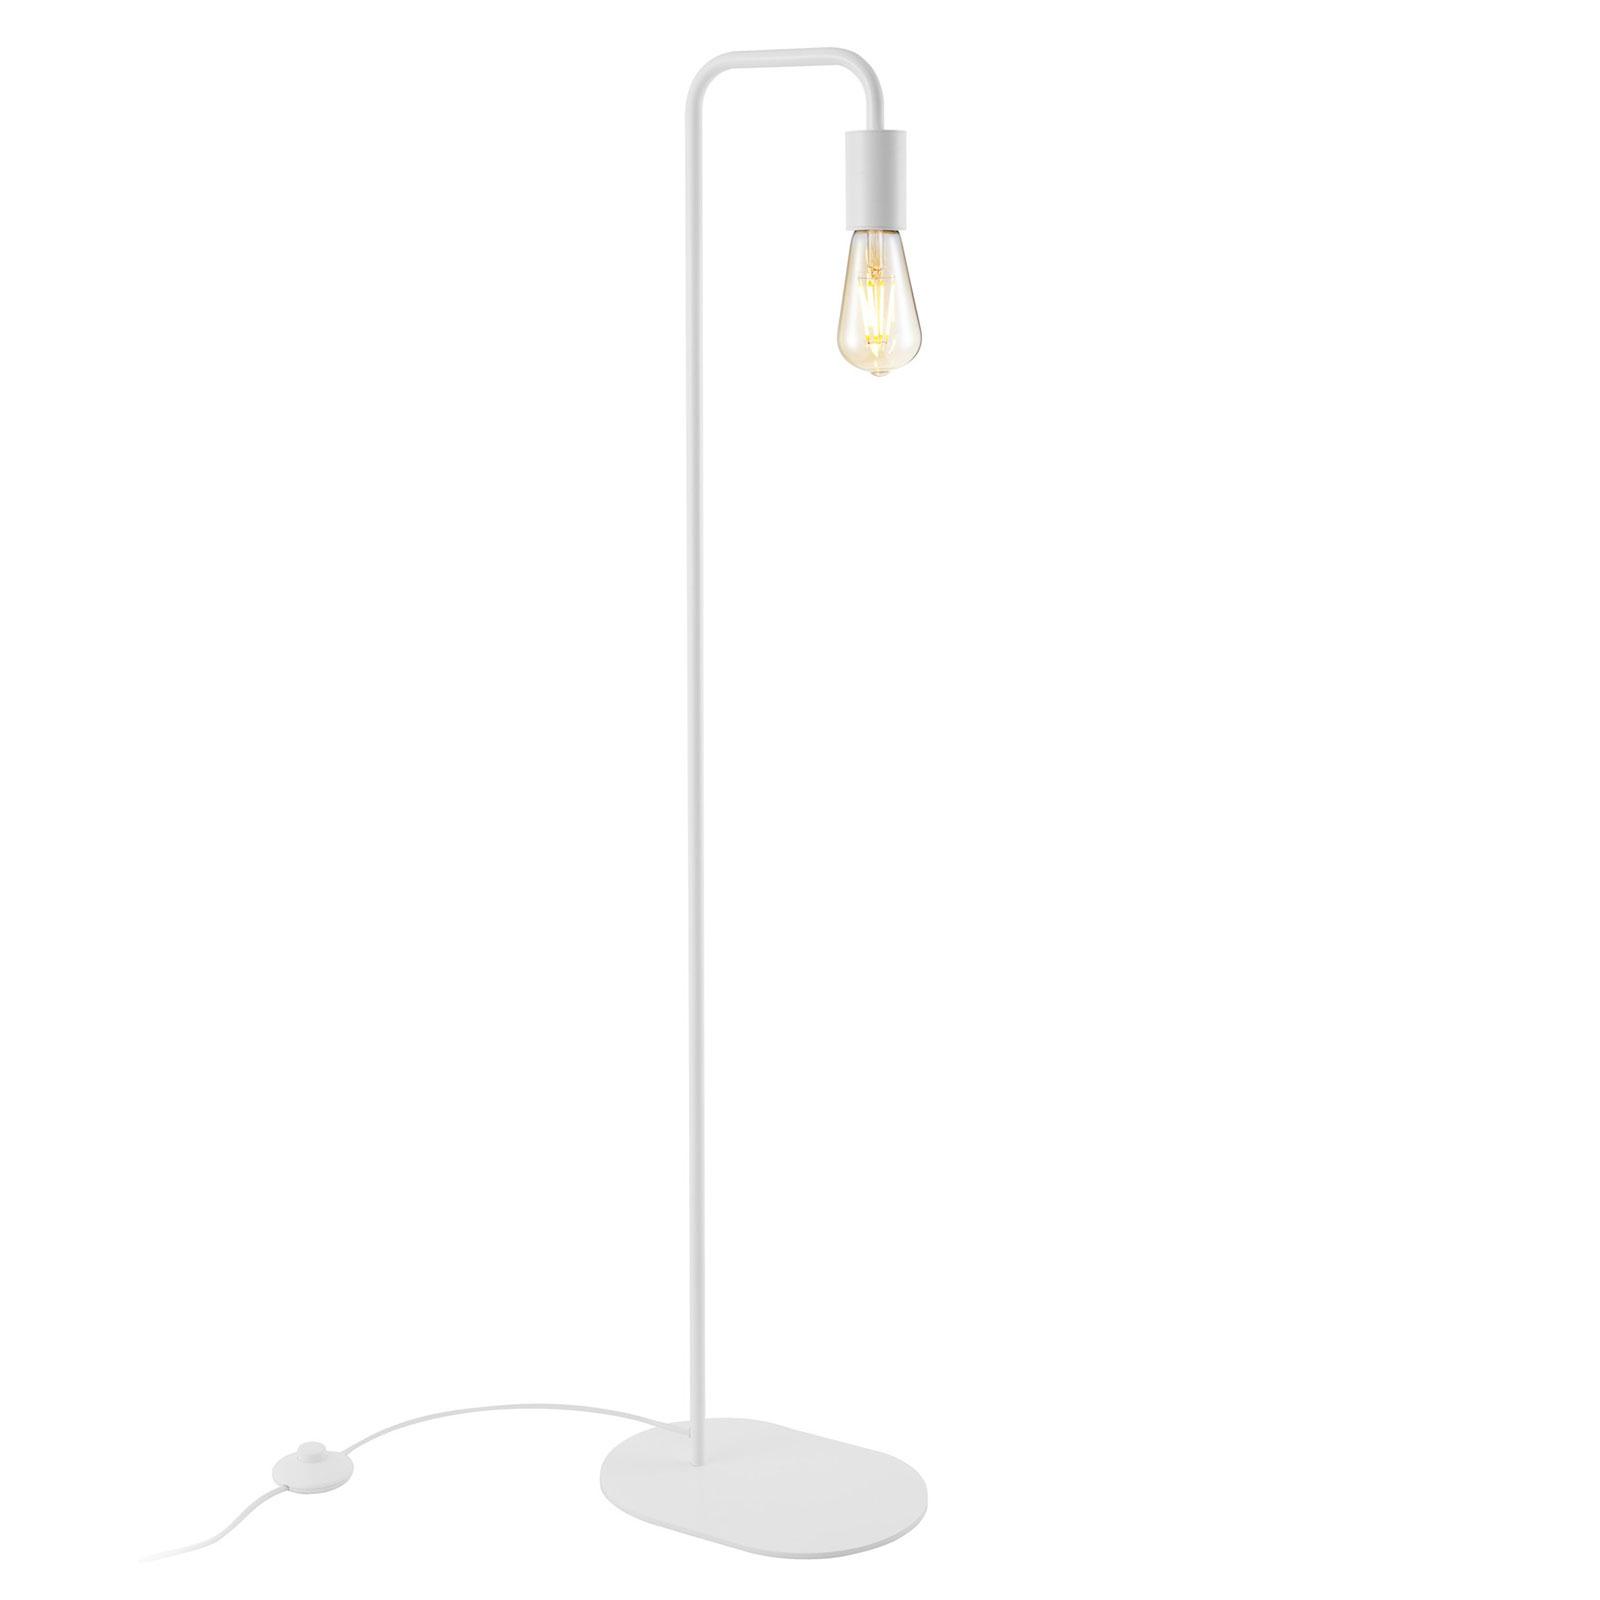 SLV Fitu vloerlamp van metaal, wit